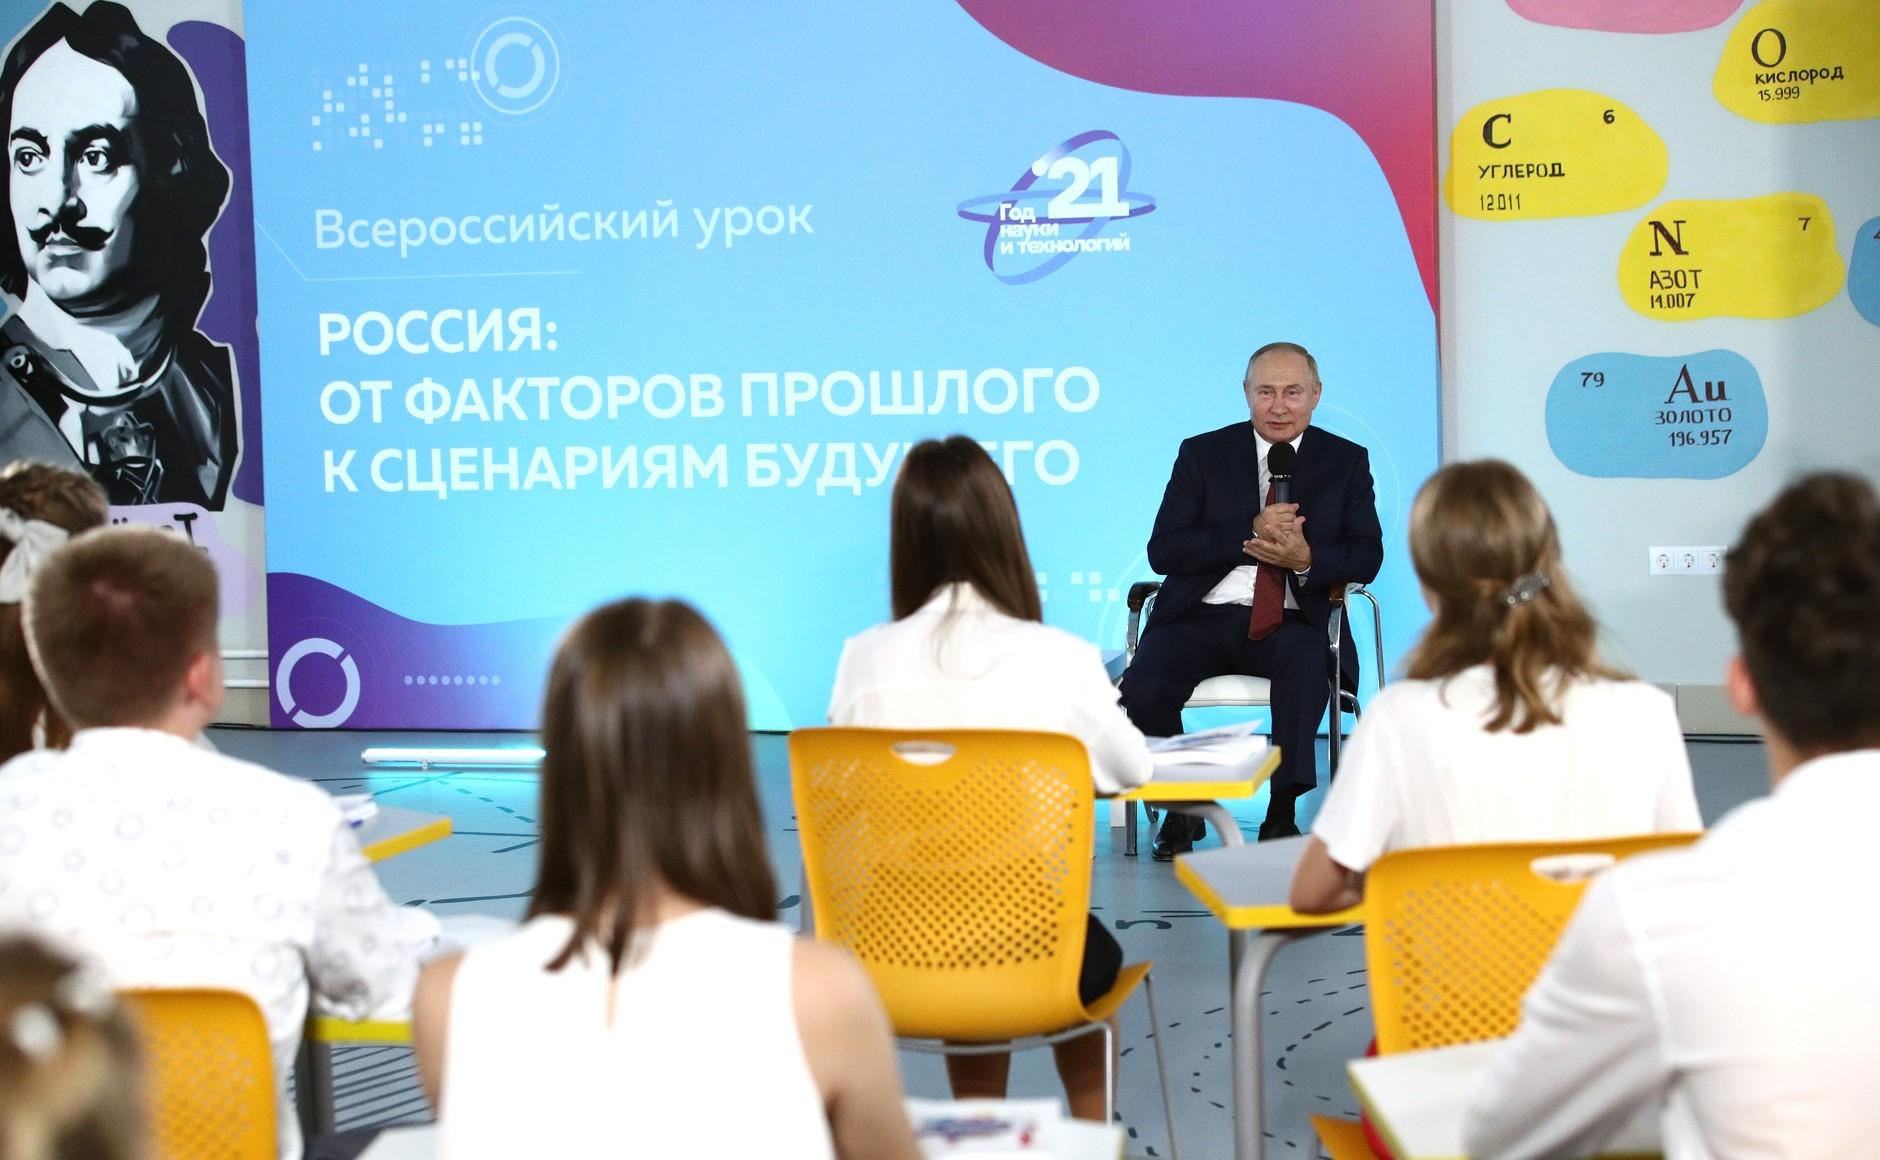 Путин провел встречу со школьниками в рамках II марафона «Новое Знание»